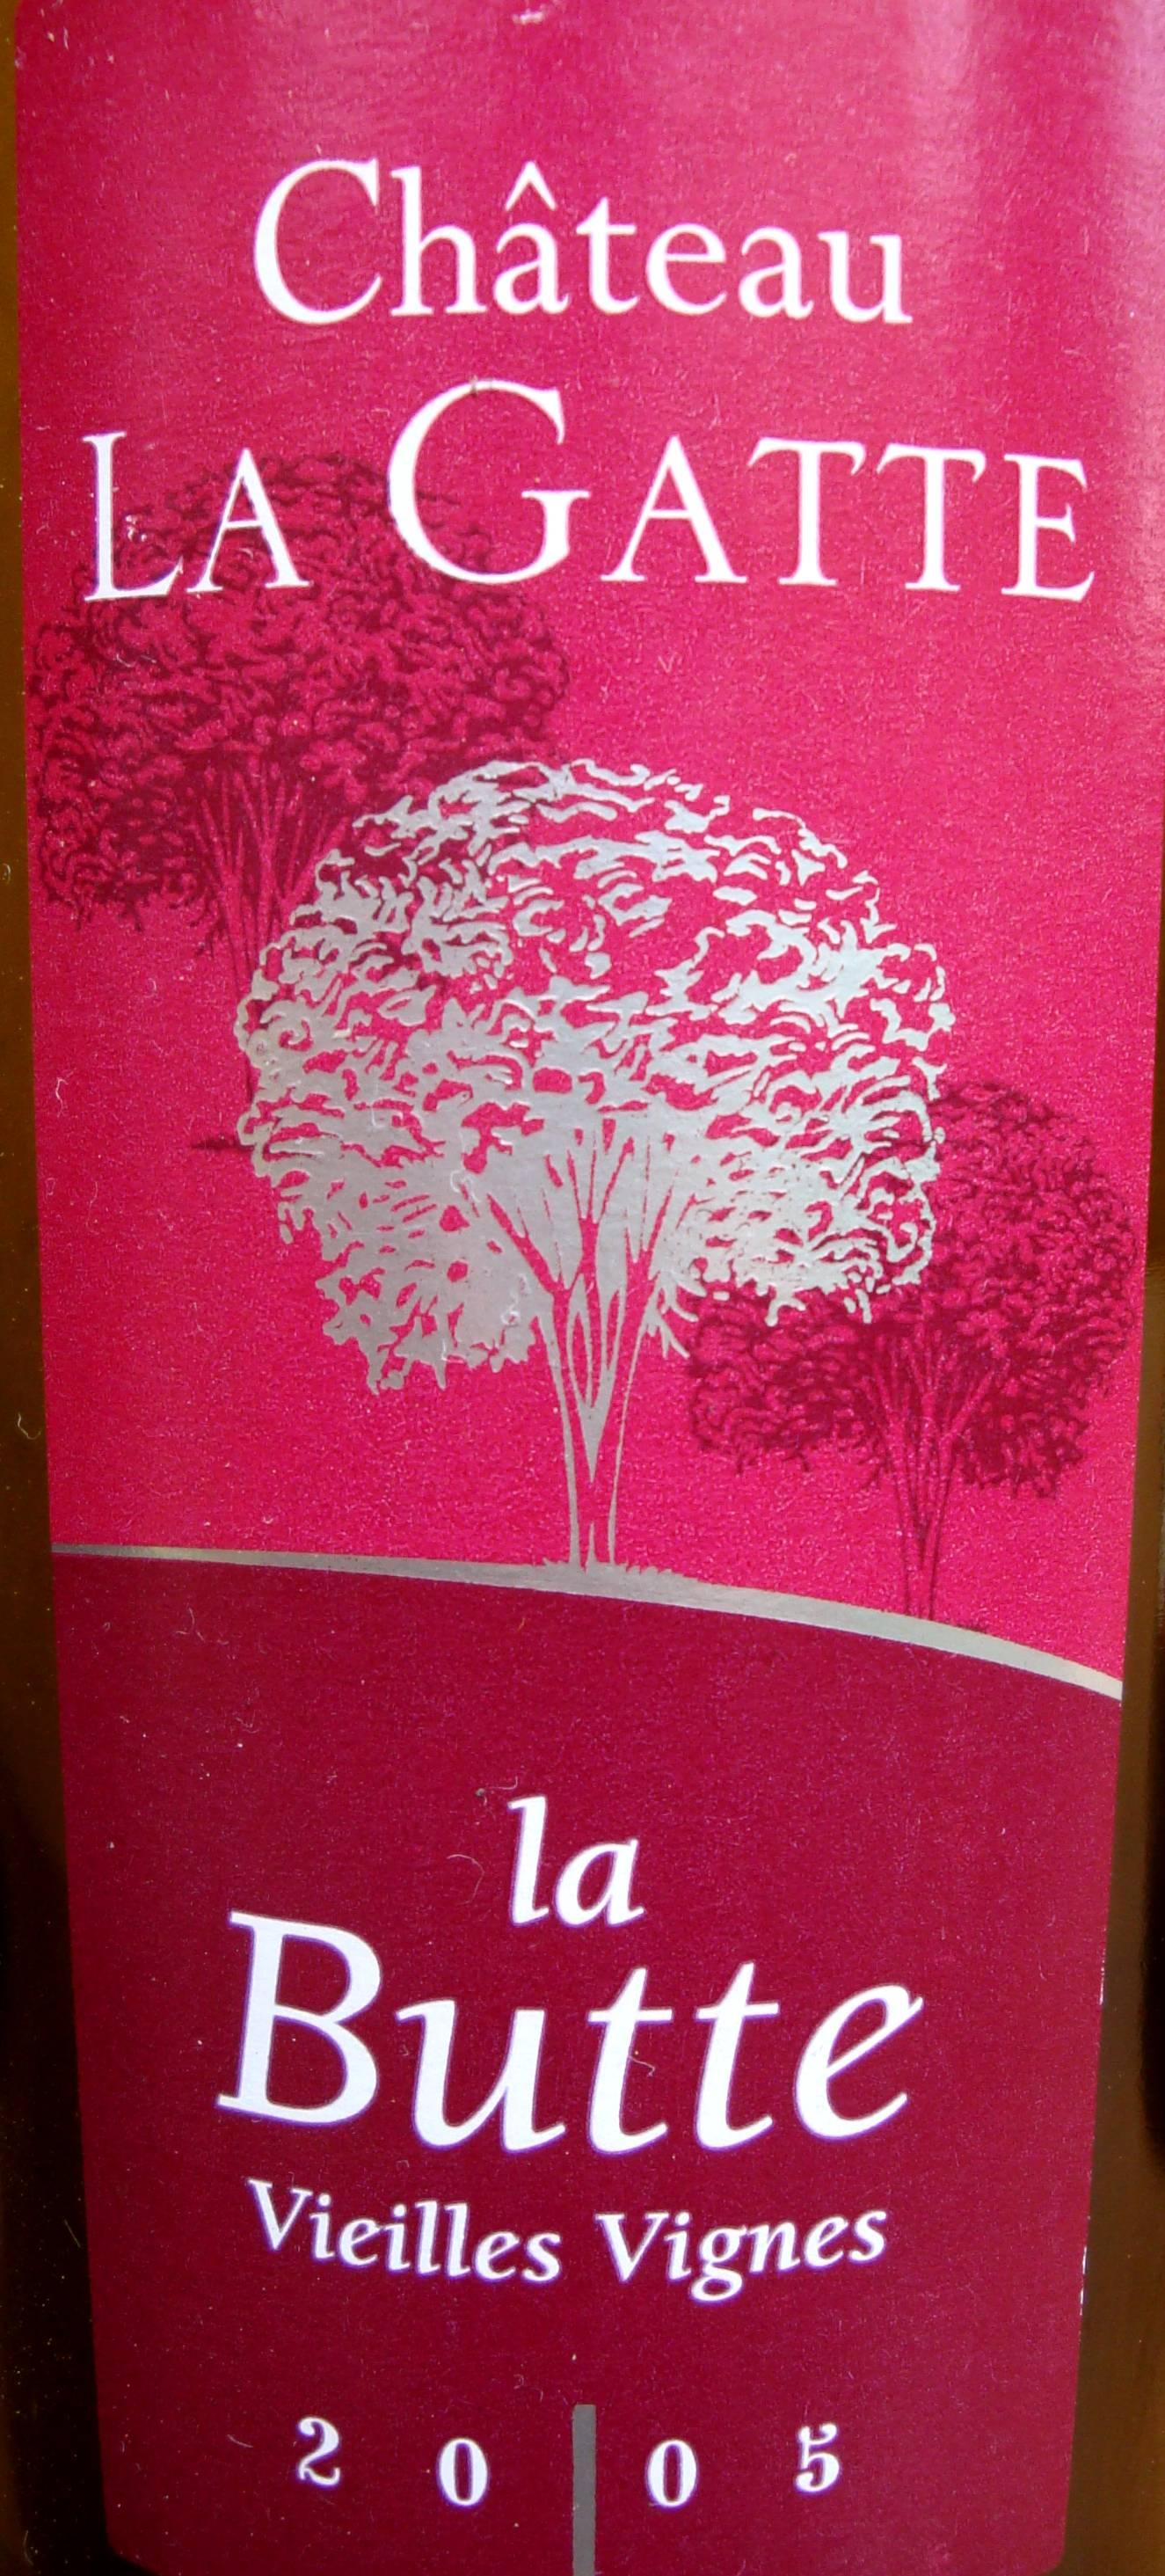 Label La Butte